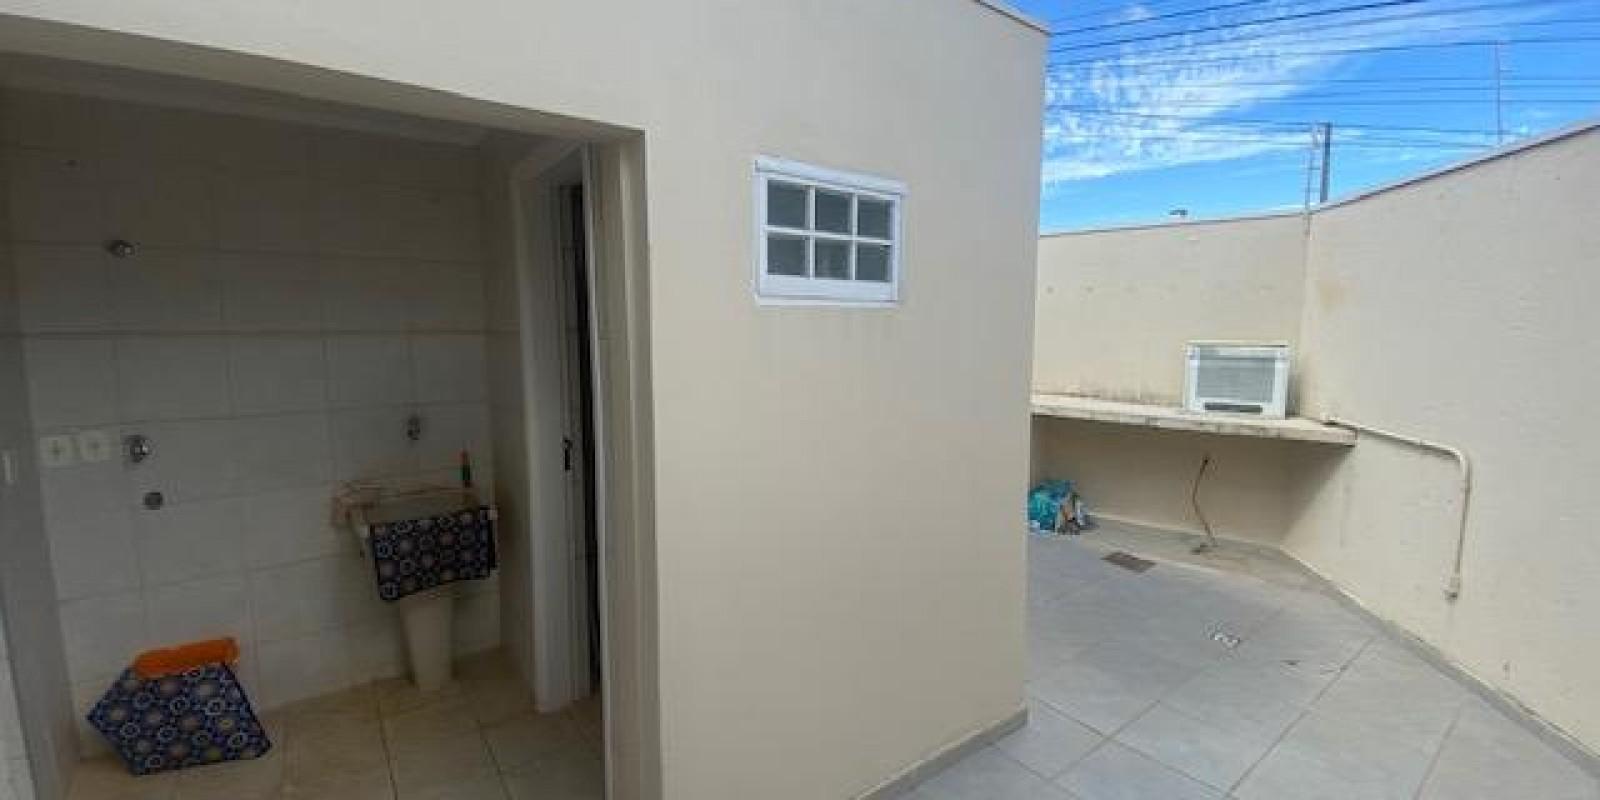 Casa no Bairro Brabancia em Avaré SP - Foto 12 de 24